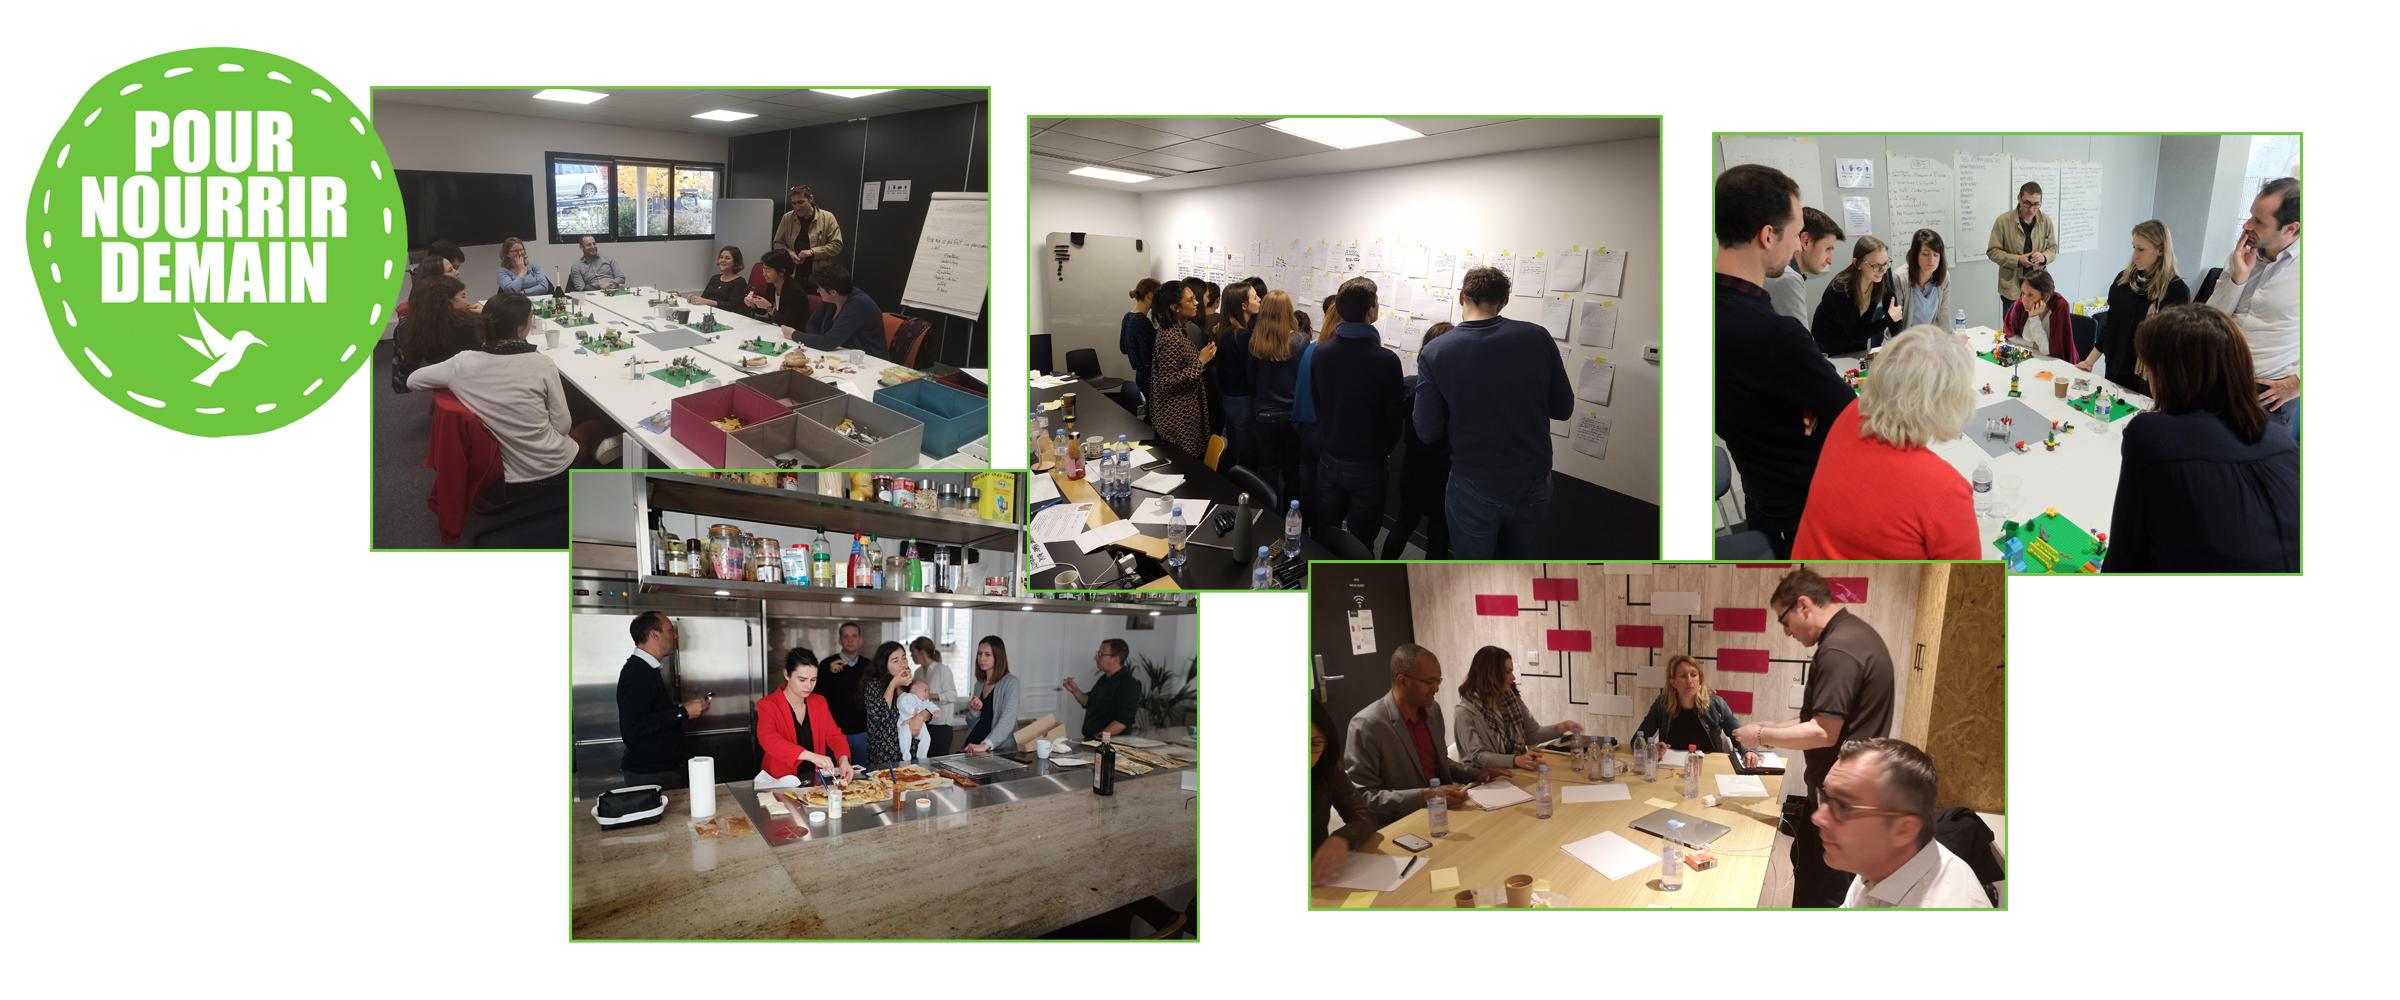 atelier21 - Workshop et atelier créatif